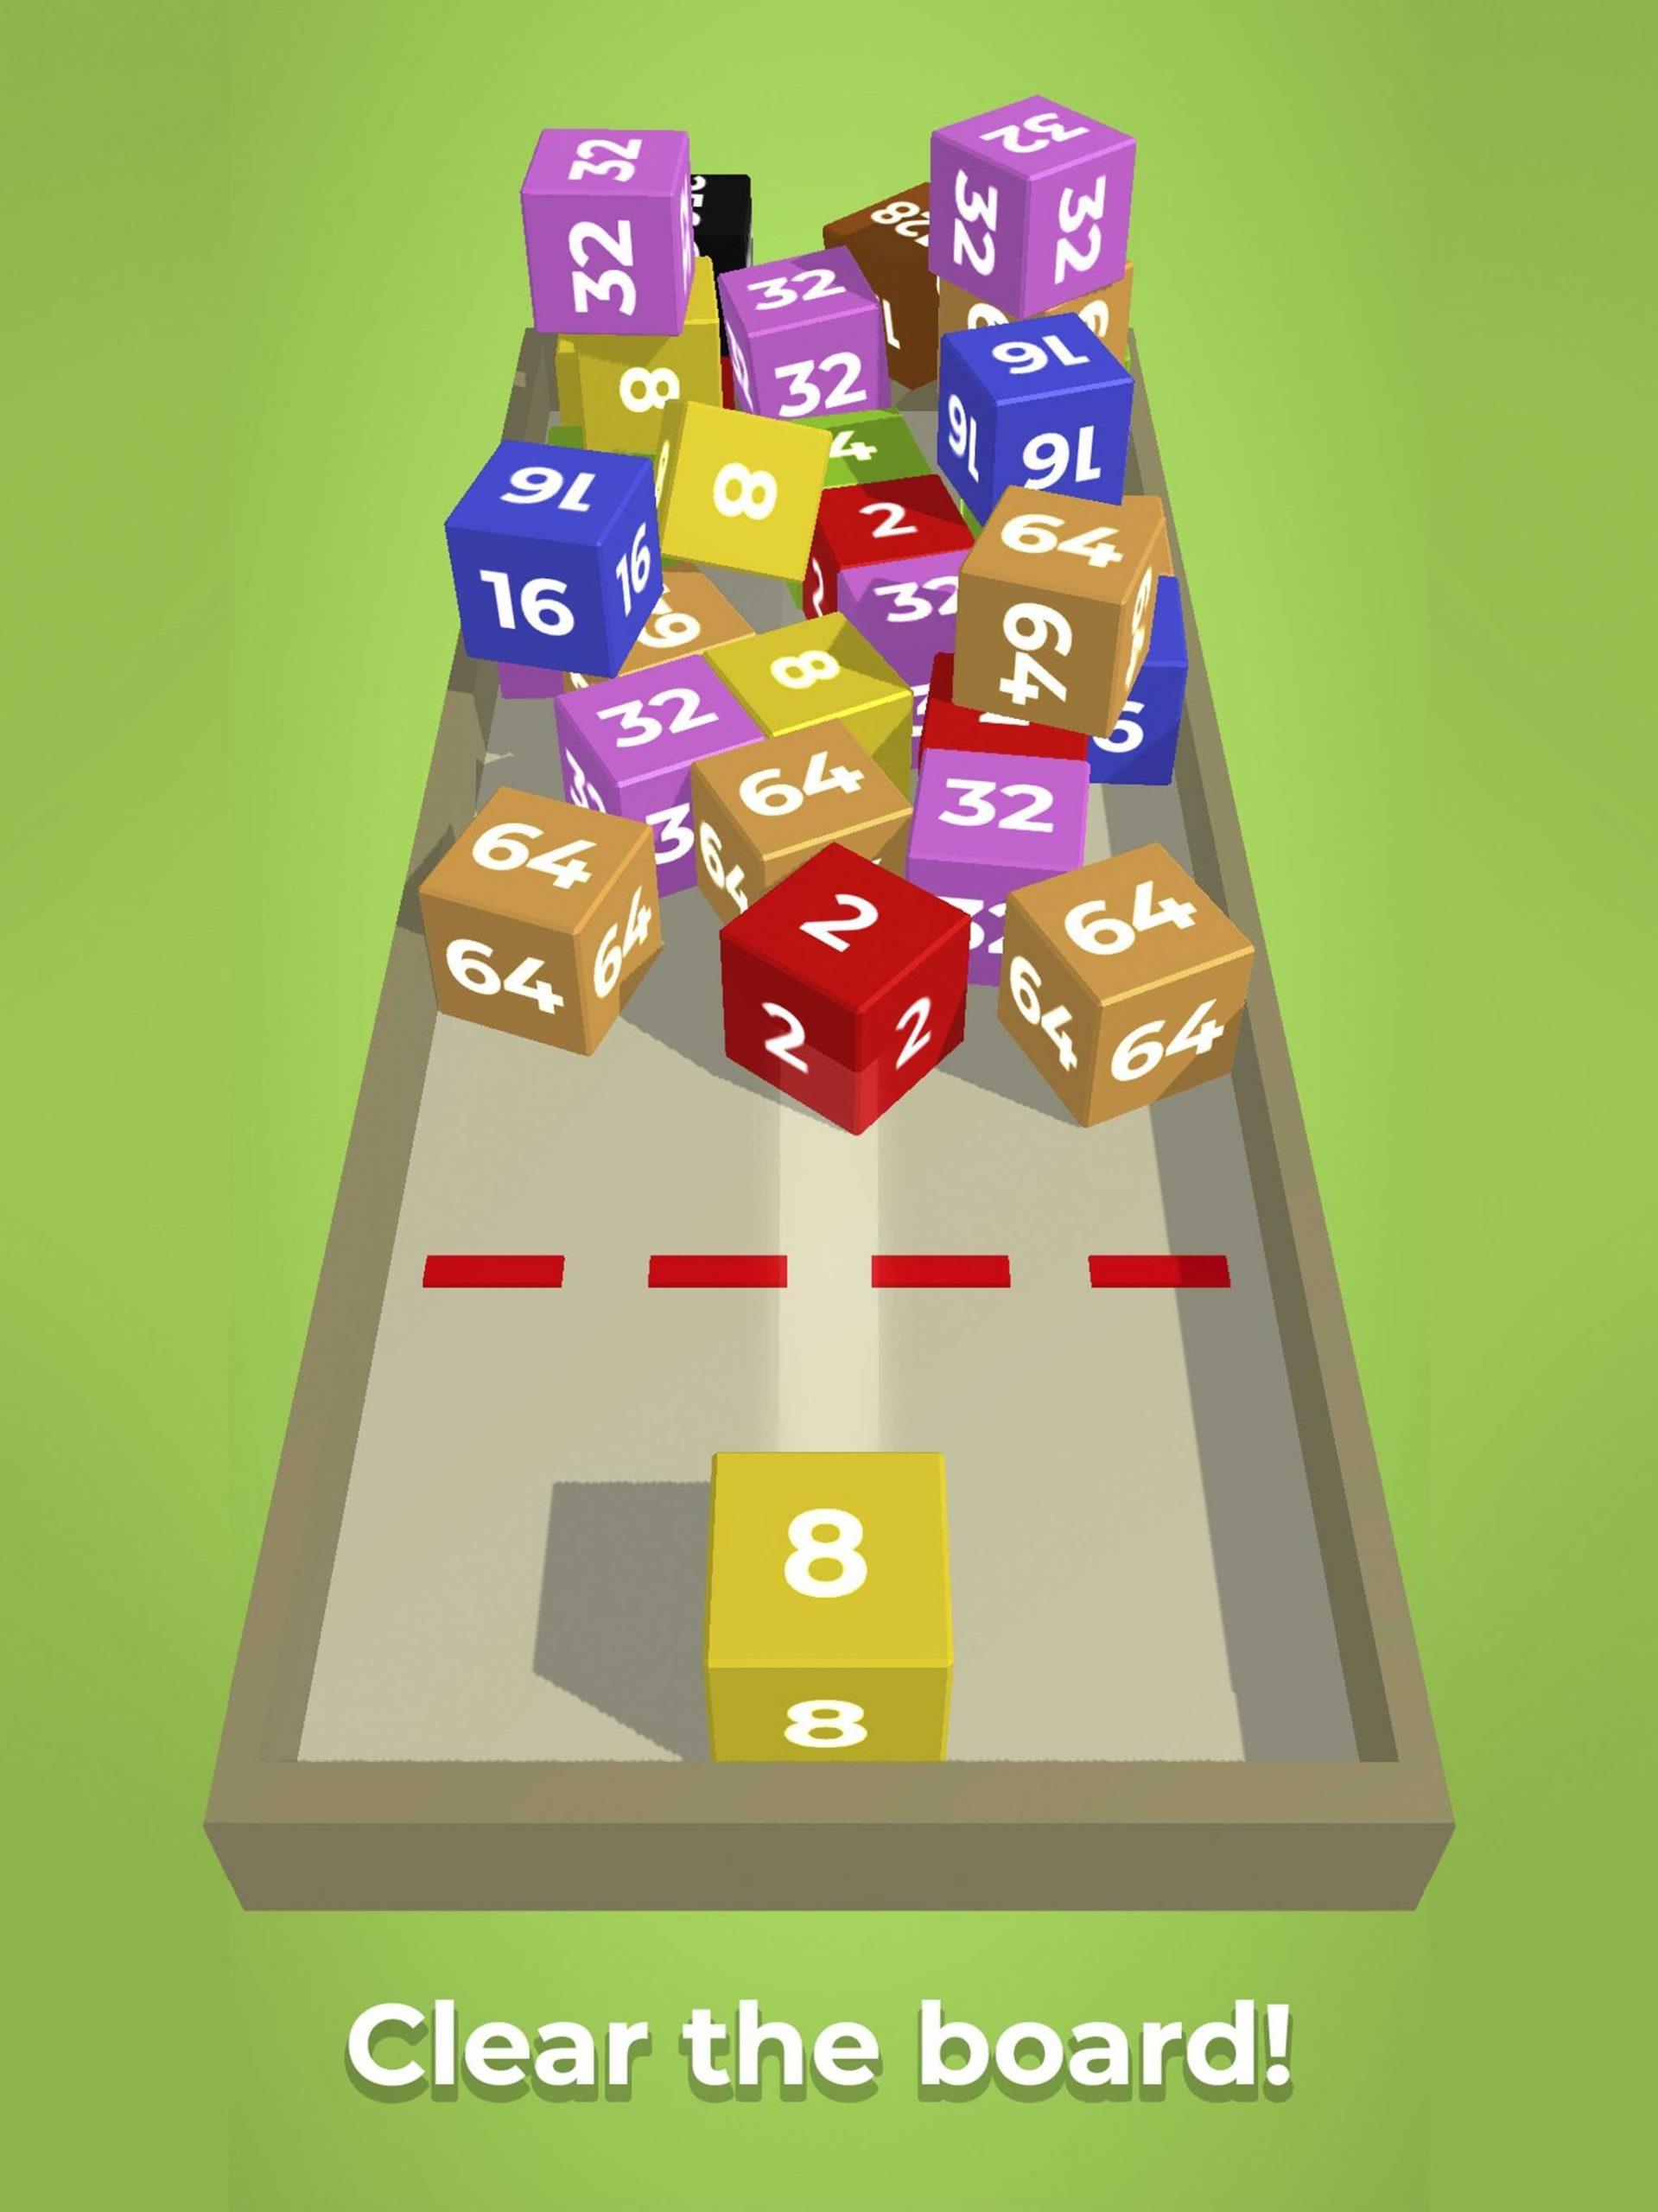 Chain Cubeにドハマり! 中毒性たっぷりのハイパーカジュアルゲームに迫ります